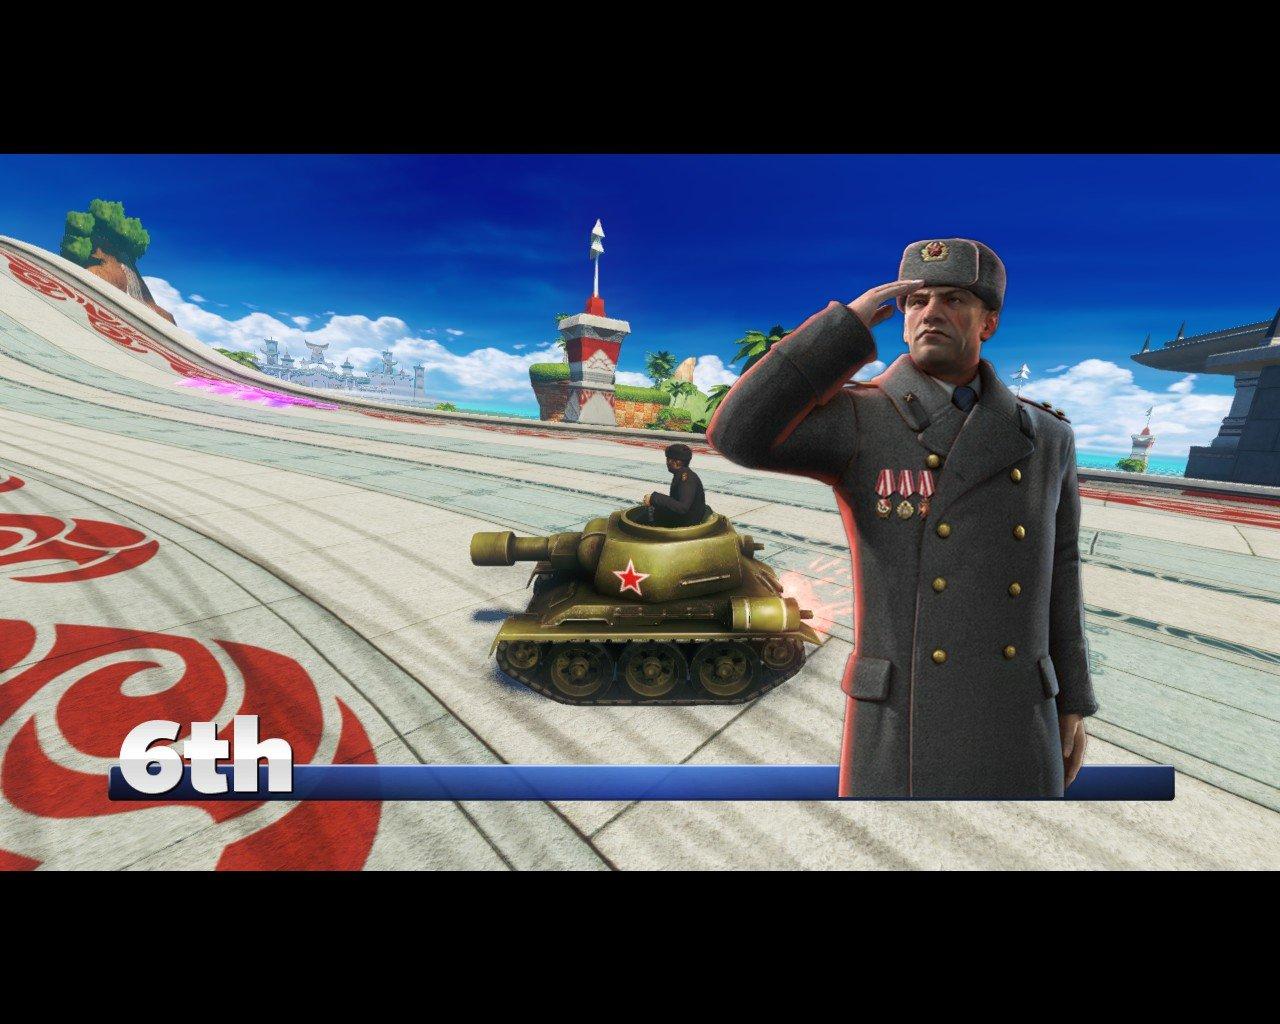 В честь выхода CoH2 в Sonic All-Stars Racing Transformed вышел новый персонаж. Знакомтесь - Генерал Зима (я не шучу, ... - Изображение 1